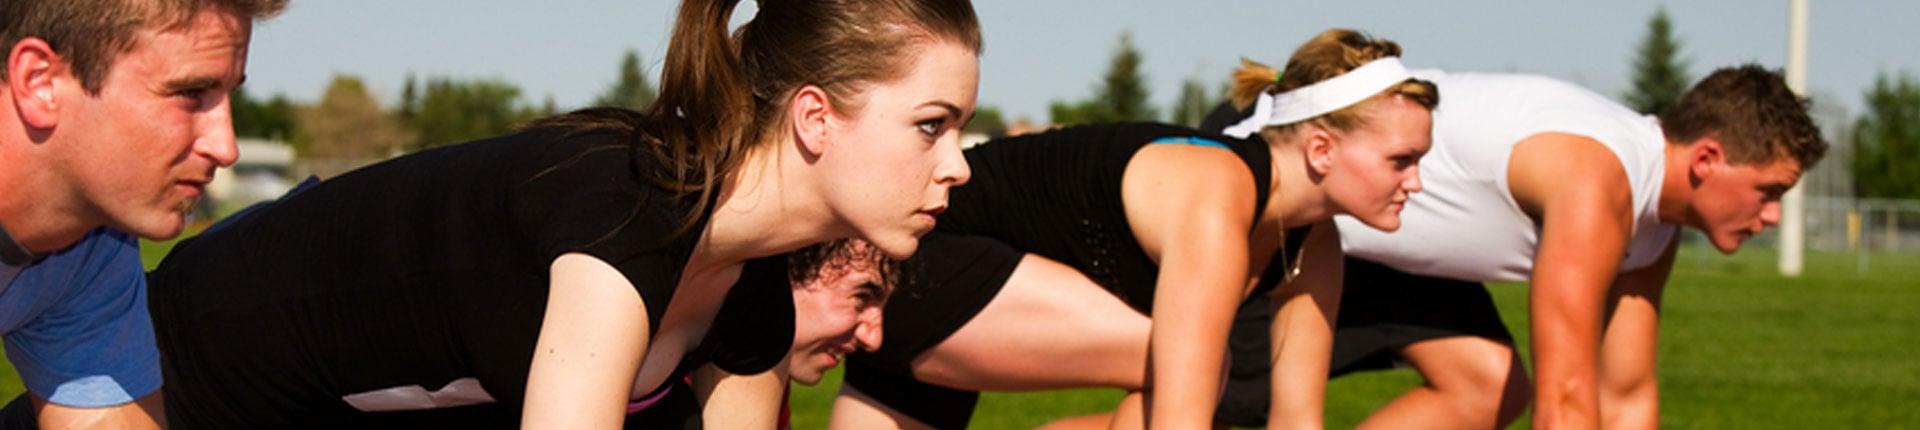 Uprawianie sportu w młodym wieku sprzyja florze bakteryjnej na przyszłość